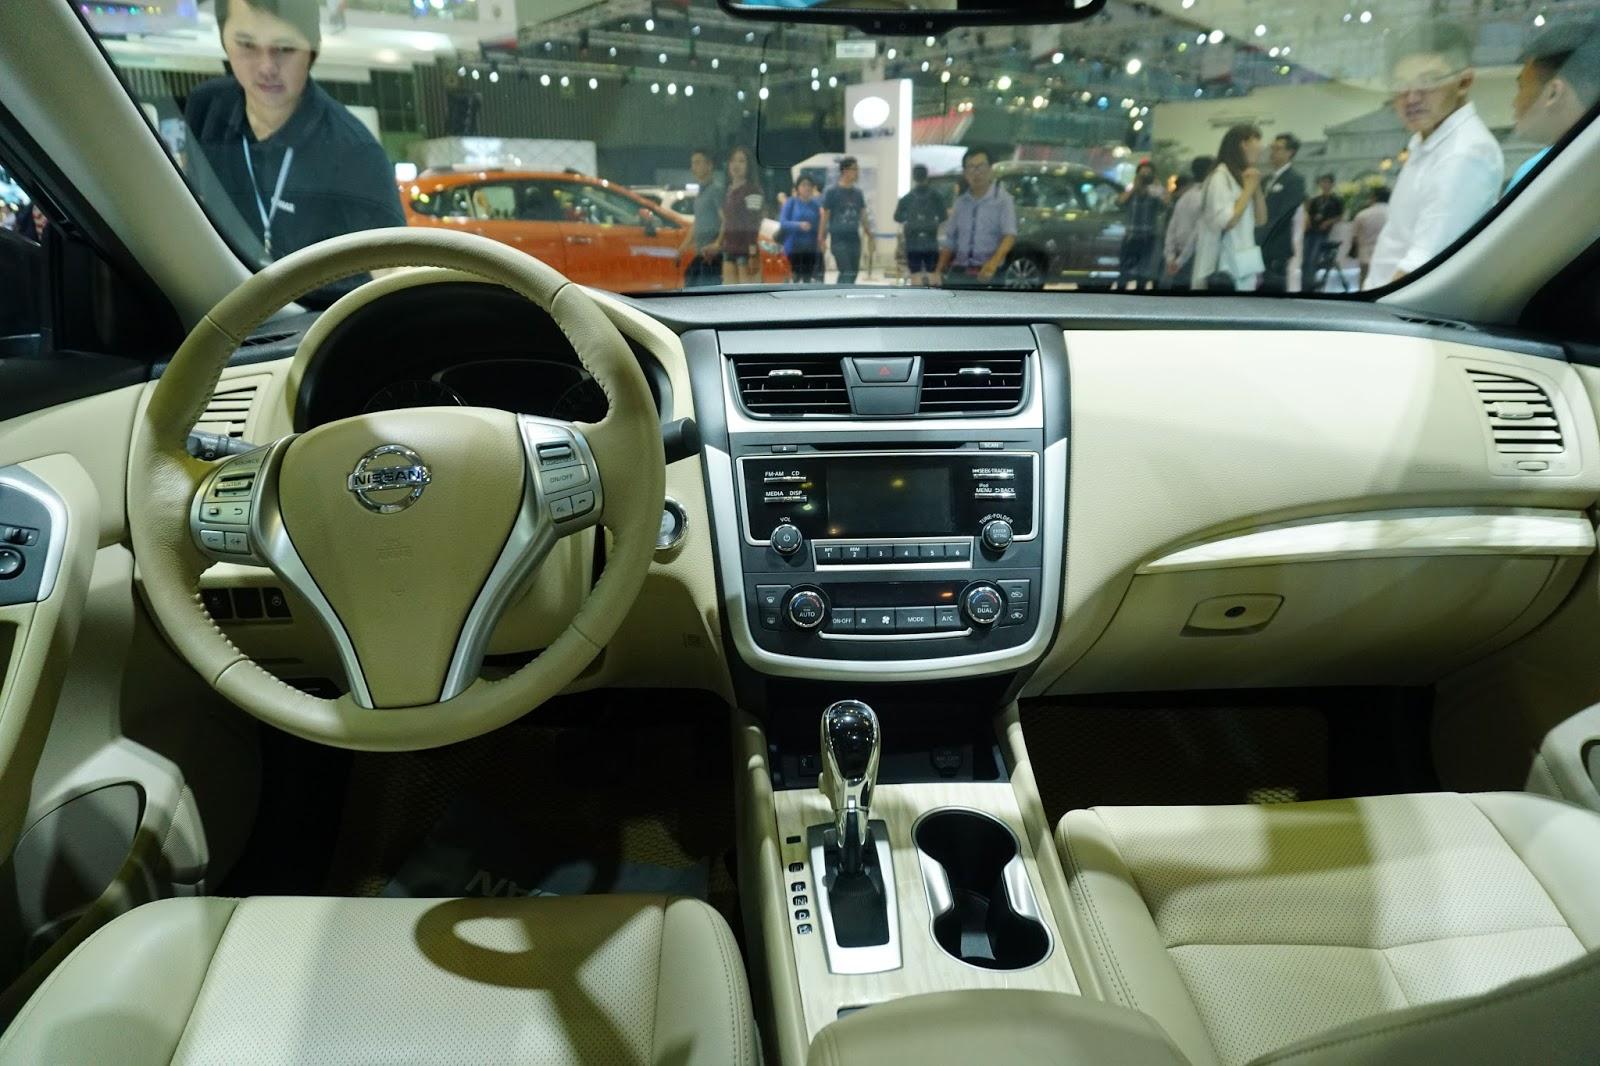 Khoang cabin của xe khá sang trọng và tinh tế trong đường nét